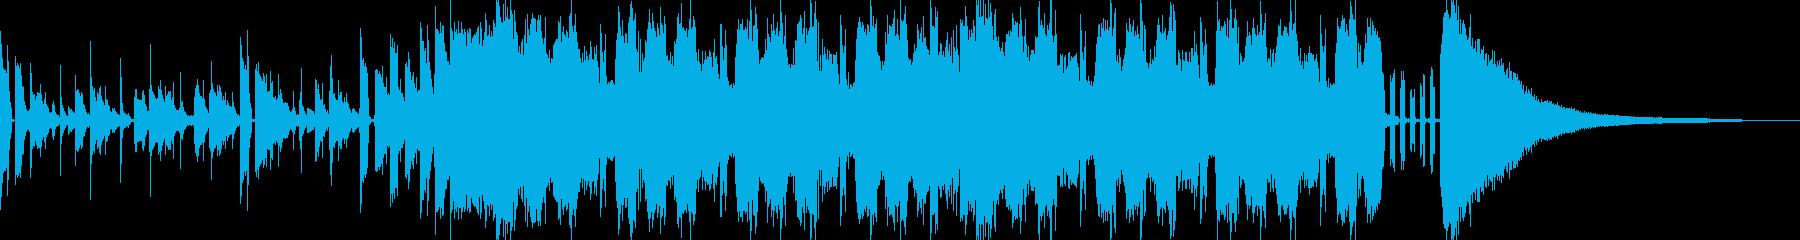 ポップなメタルサウンドの再生済みの波形